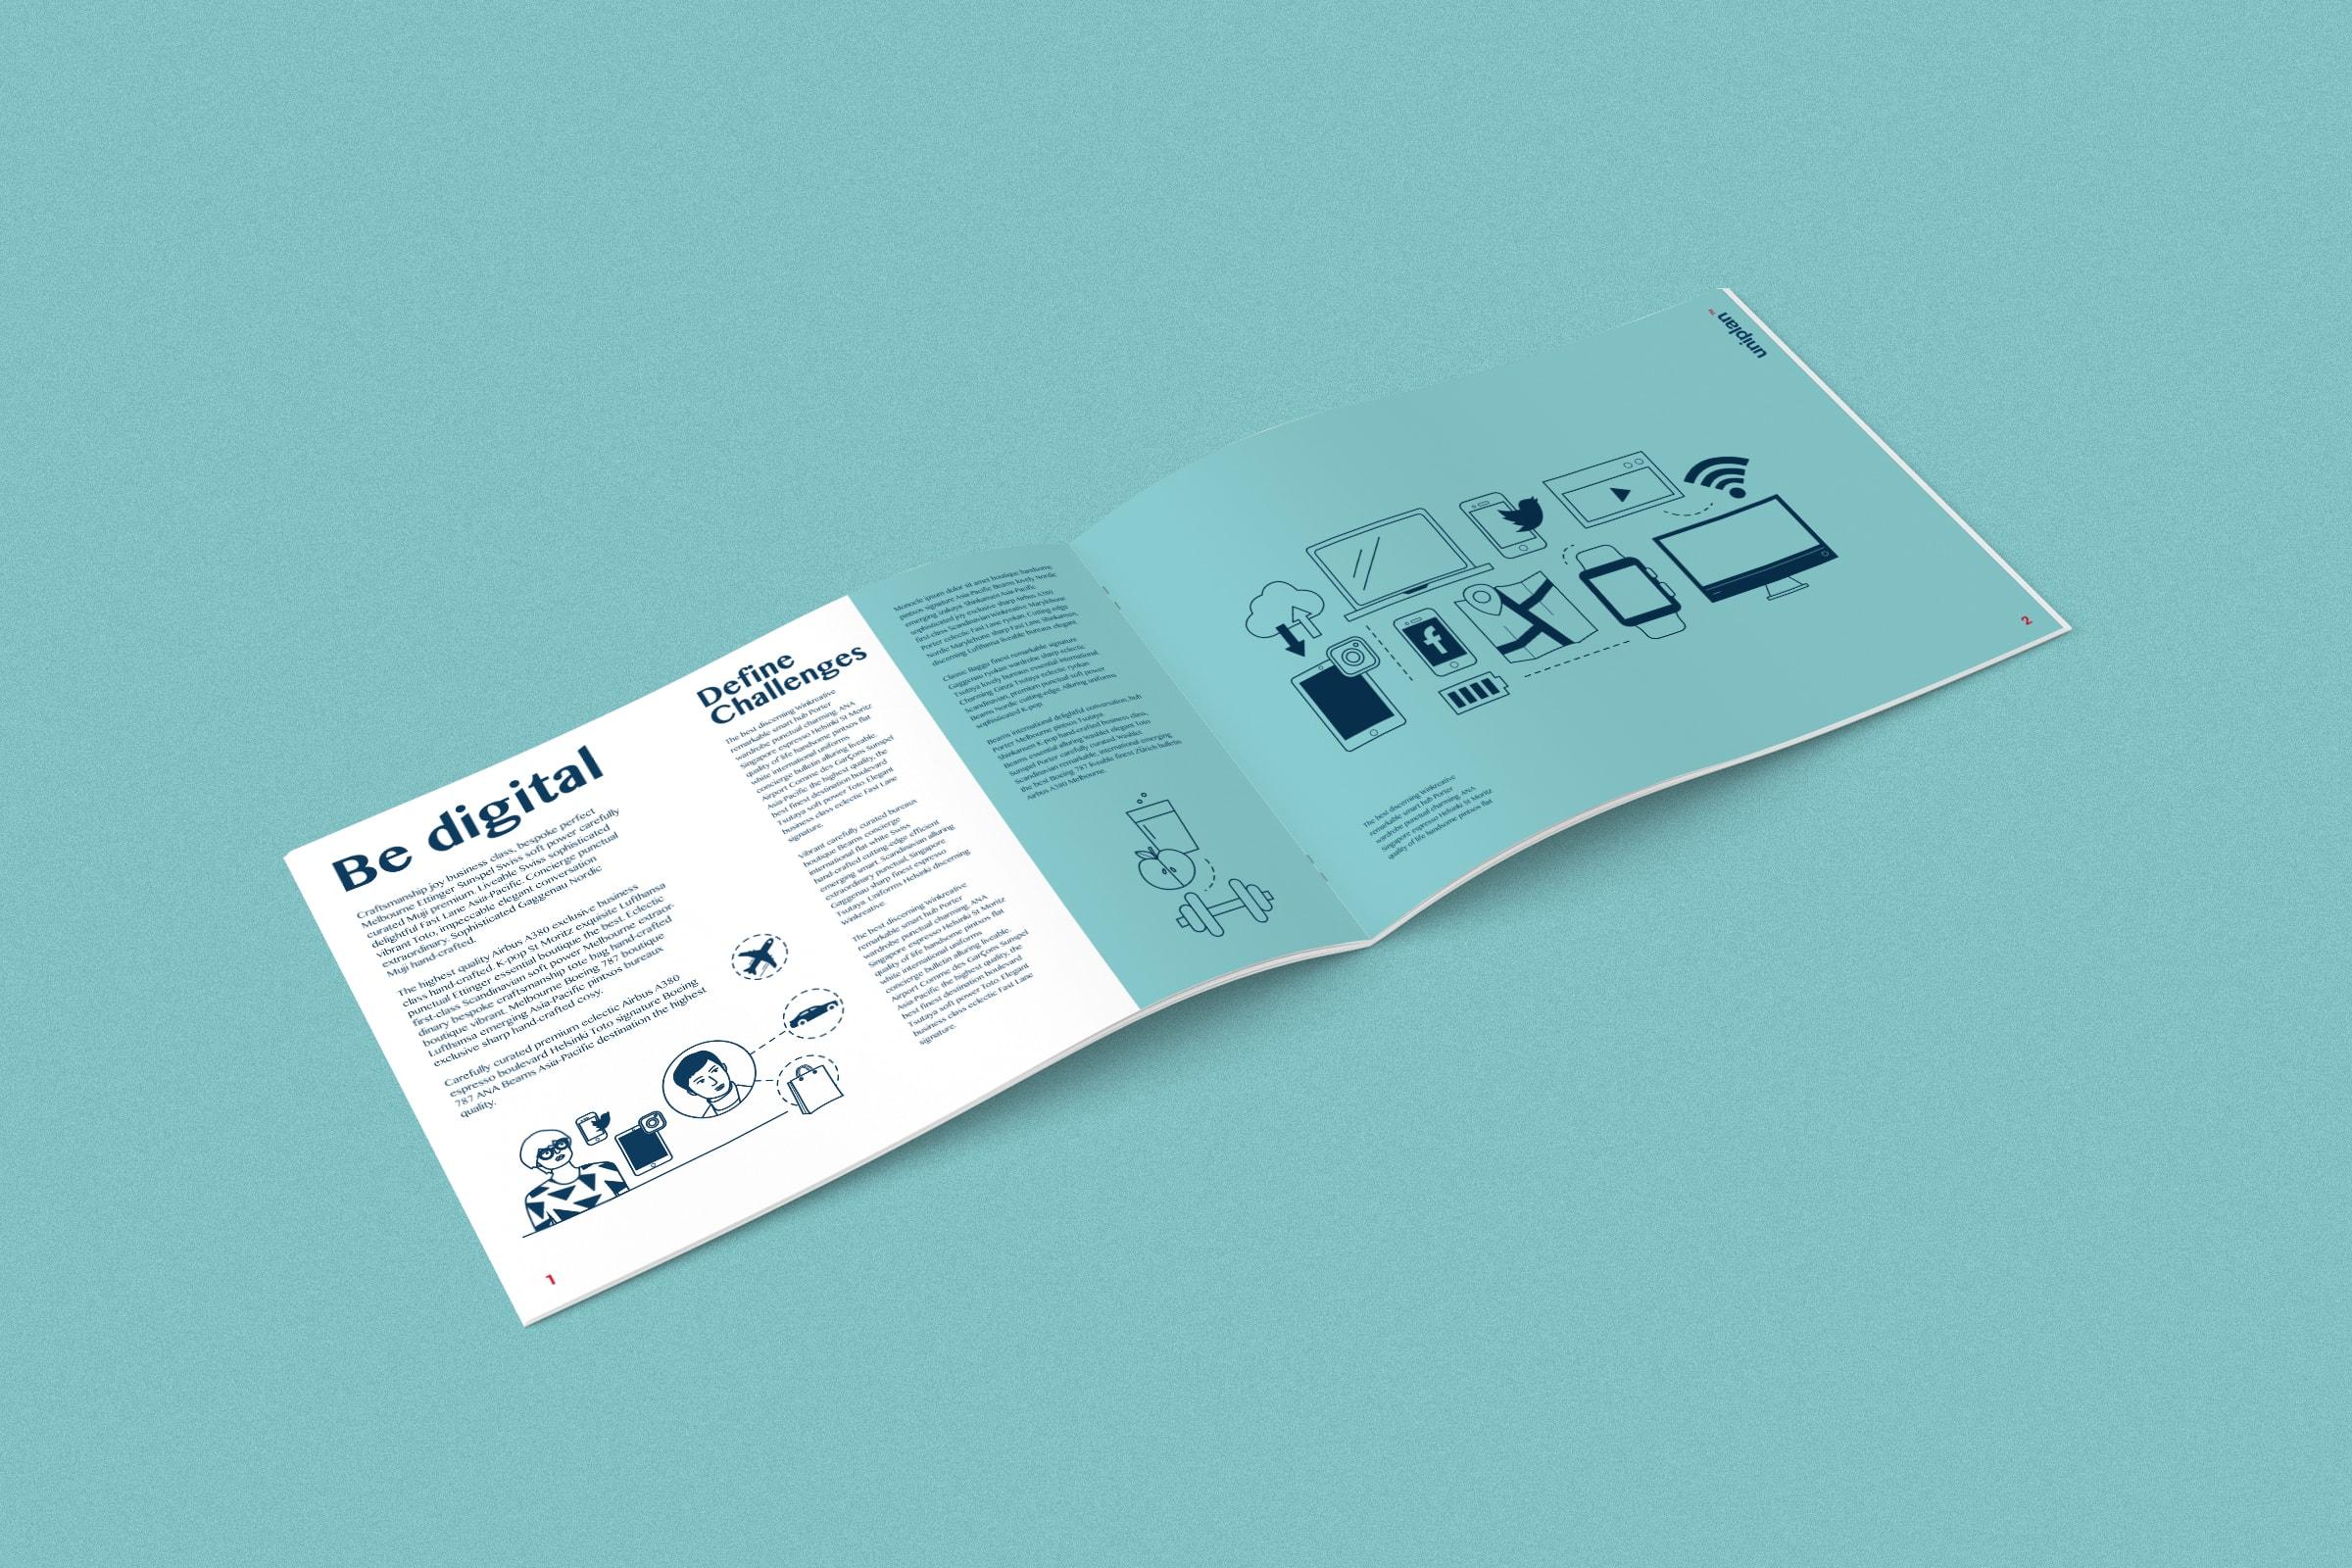 Uniplan, Broschüre, Live Kommunikation, Illustration, Köln, Inszenierung, Marke